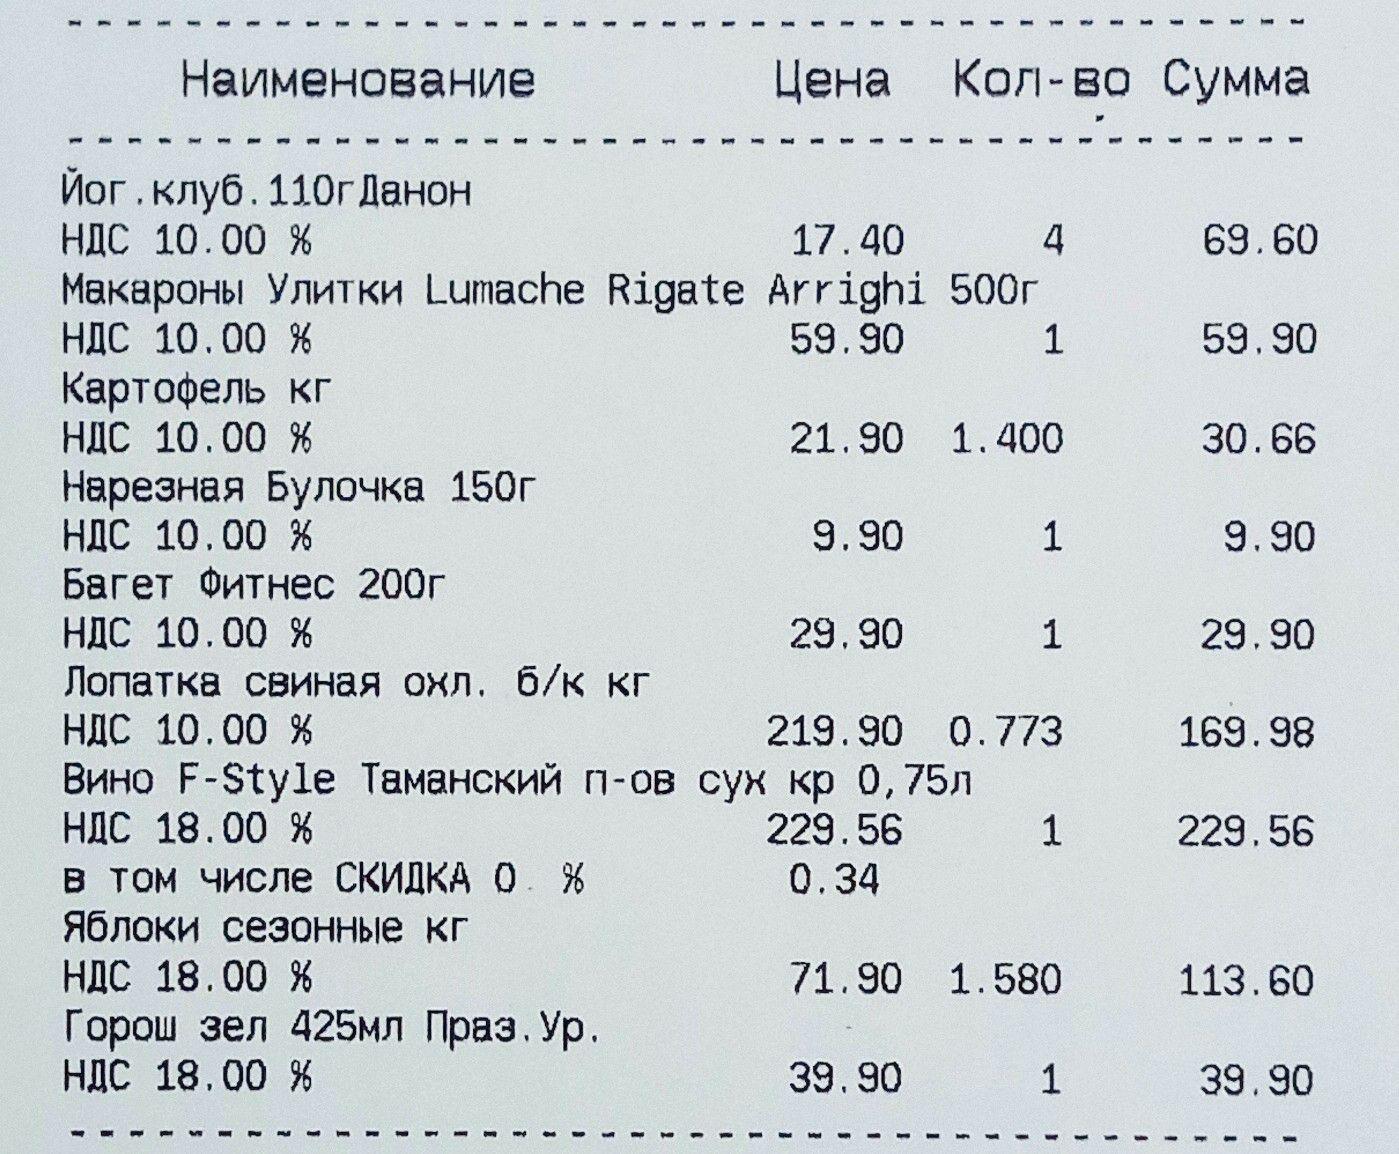 https://www.kinonews.ru/stuff/643b56a1dfa53c6.jpg